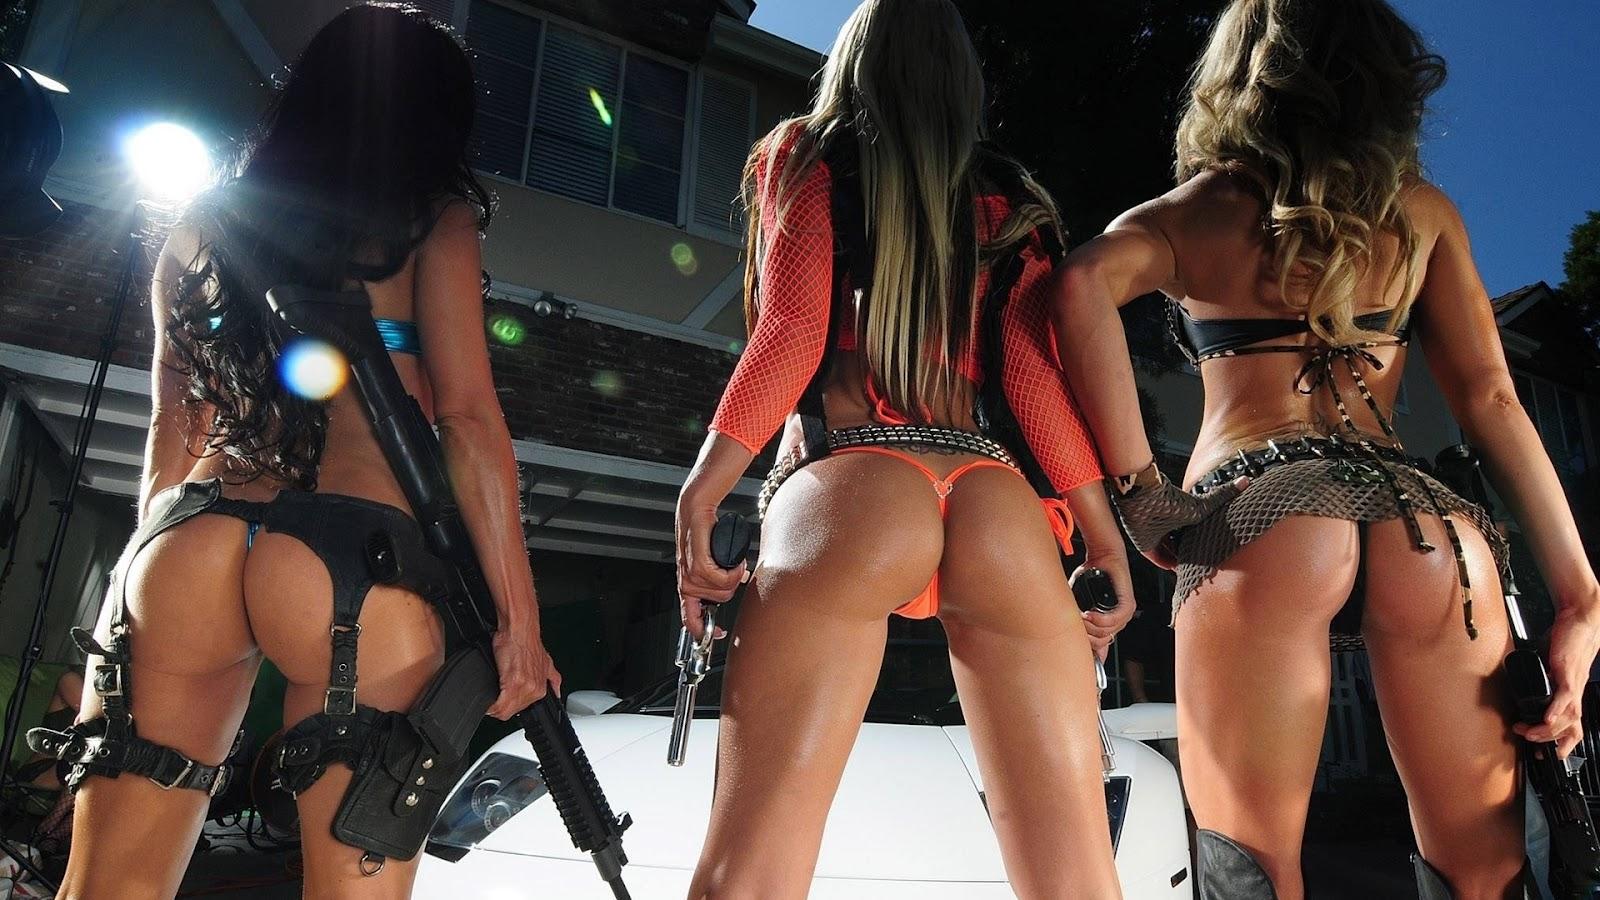 Bad ass military women.